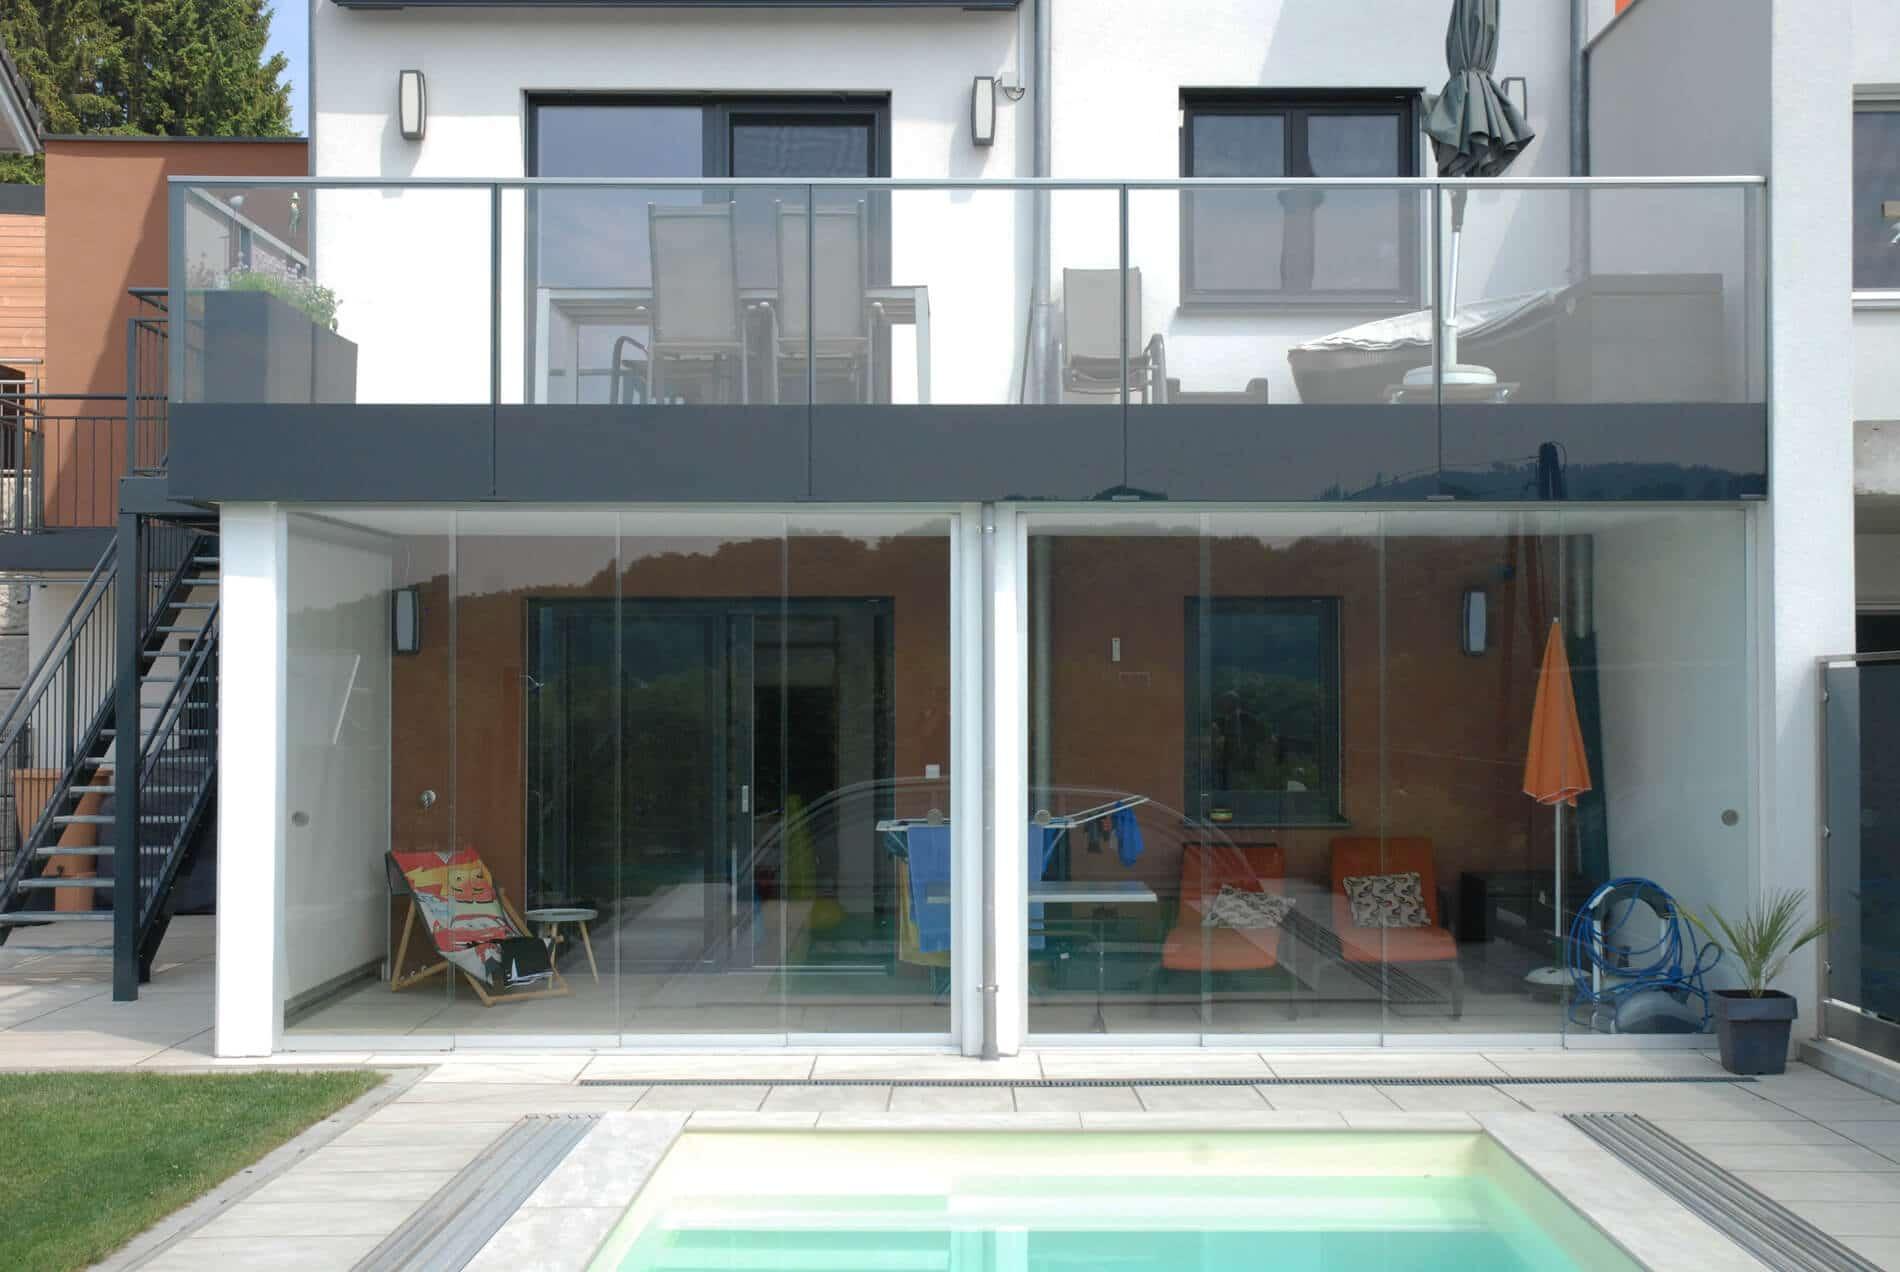 Schiebewand Glas Terrasse